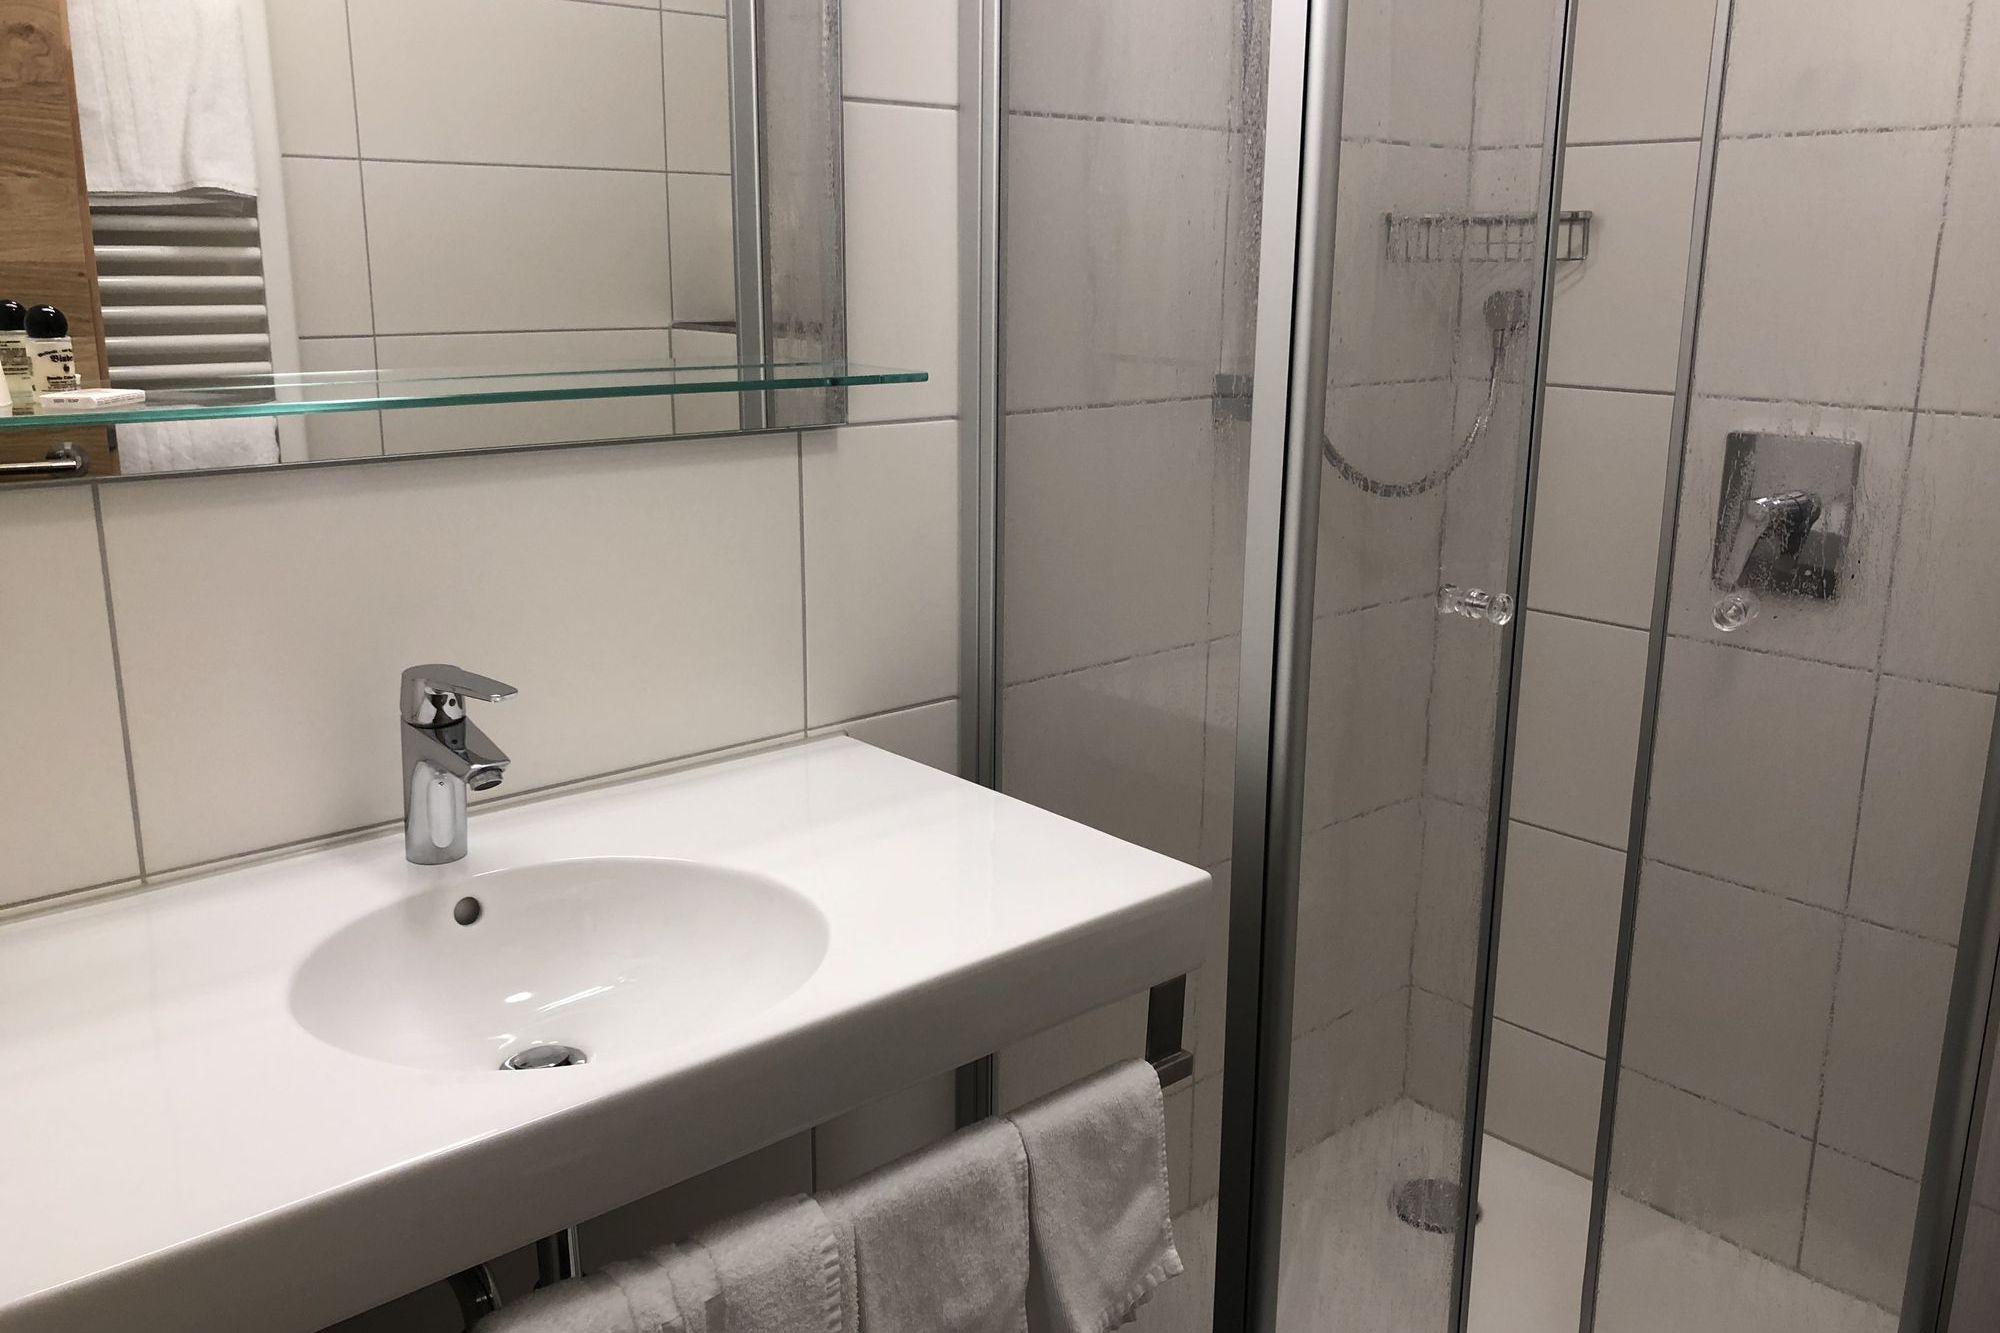 https://www.hotelbinder.de/wp-content/uploads/doppelzimmer1_3.jpg